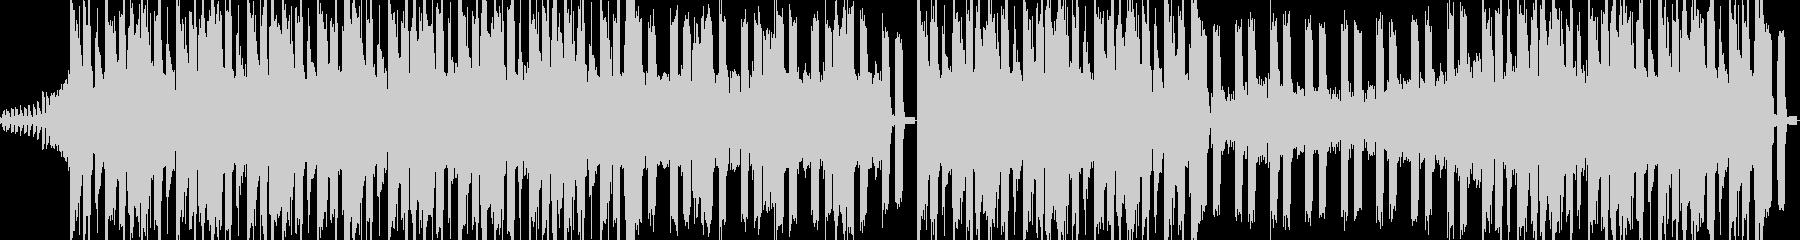 ダークでデジタルなロックの未再生の波形